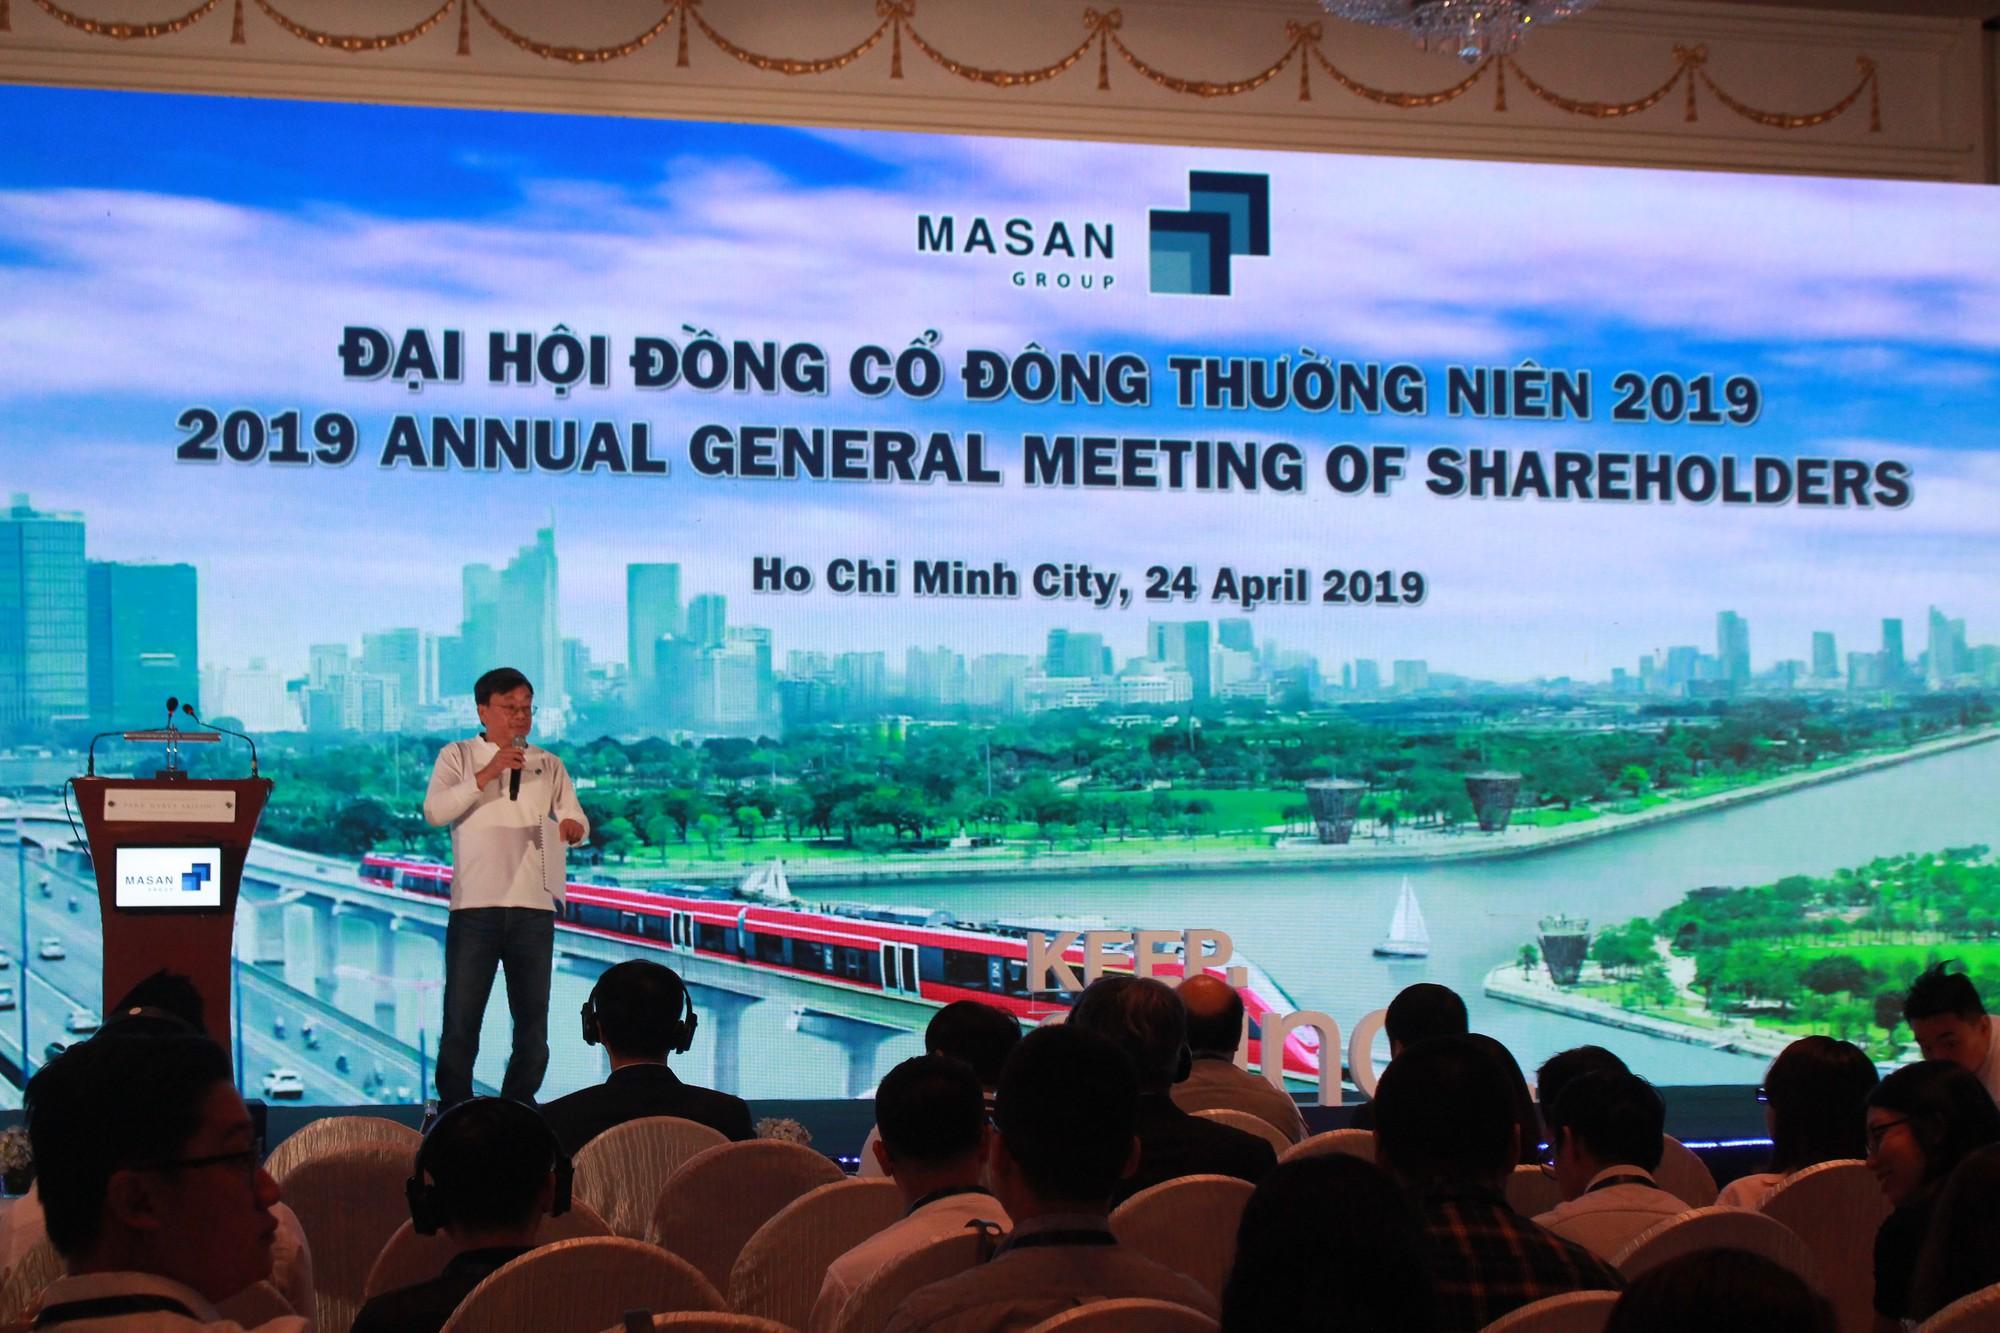 Masan muốn mỗi người Việt chi 100 USD hàng năm mua sản phẩm của mình - Ảnh 1.